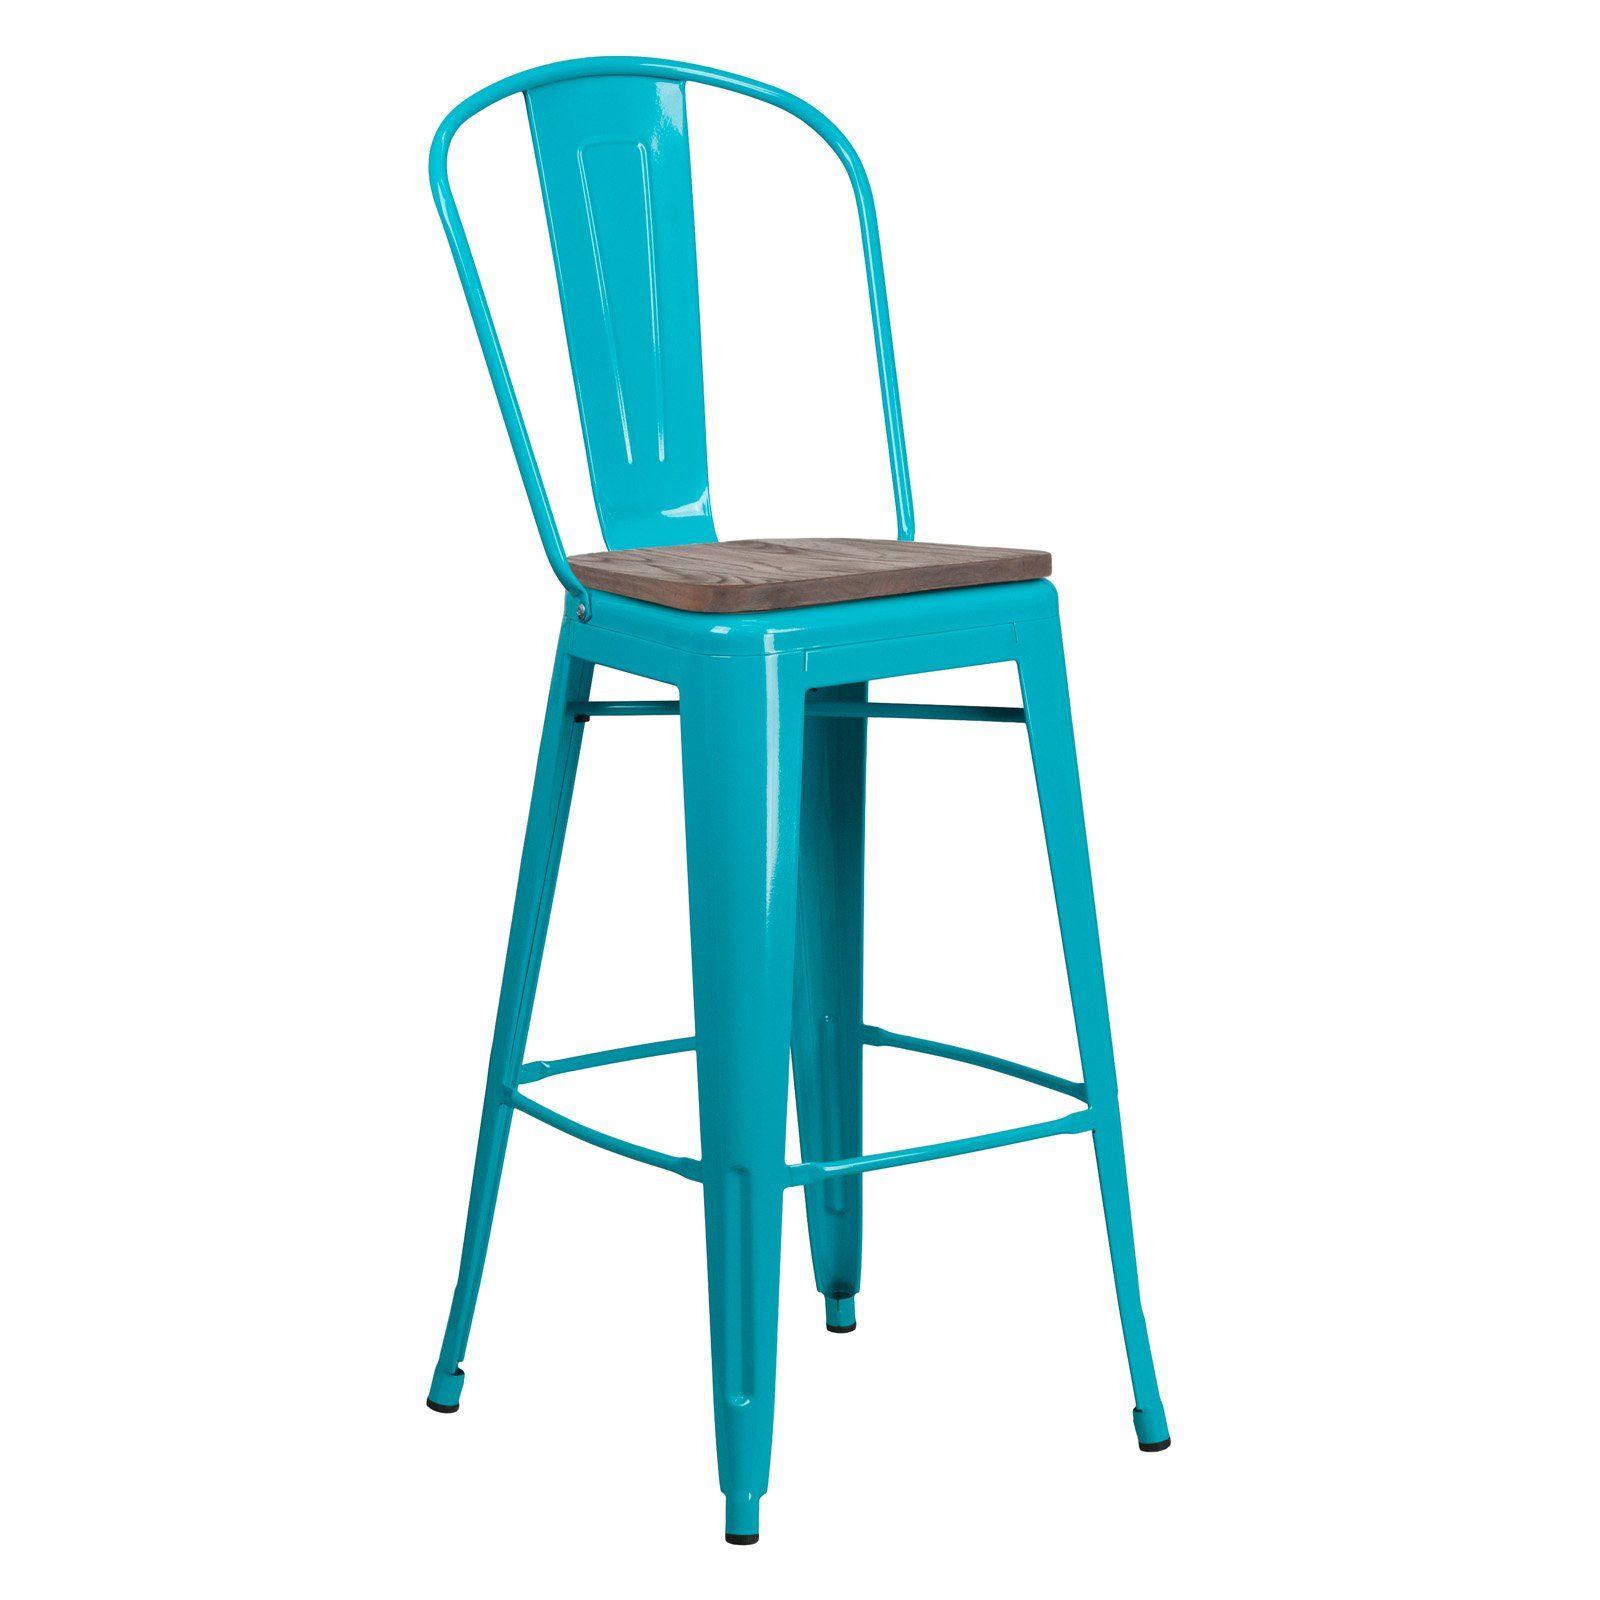 Miraculous Flash Furniture Industrial Splat Back 30 In Wooden Seat Bar Inzonedesignstudio Interior Chair Design Inzonedesignstudiocom